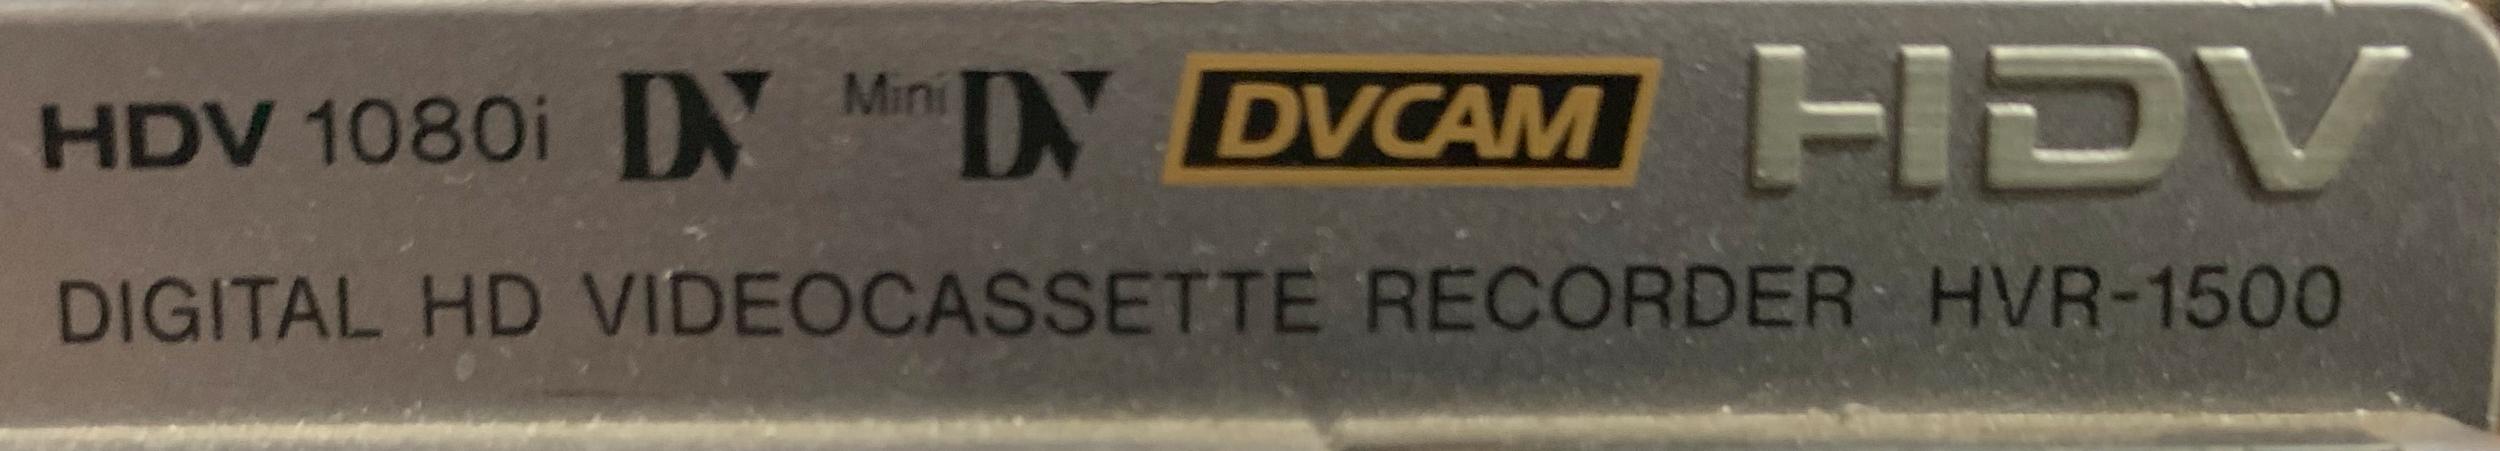 Sony HDV